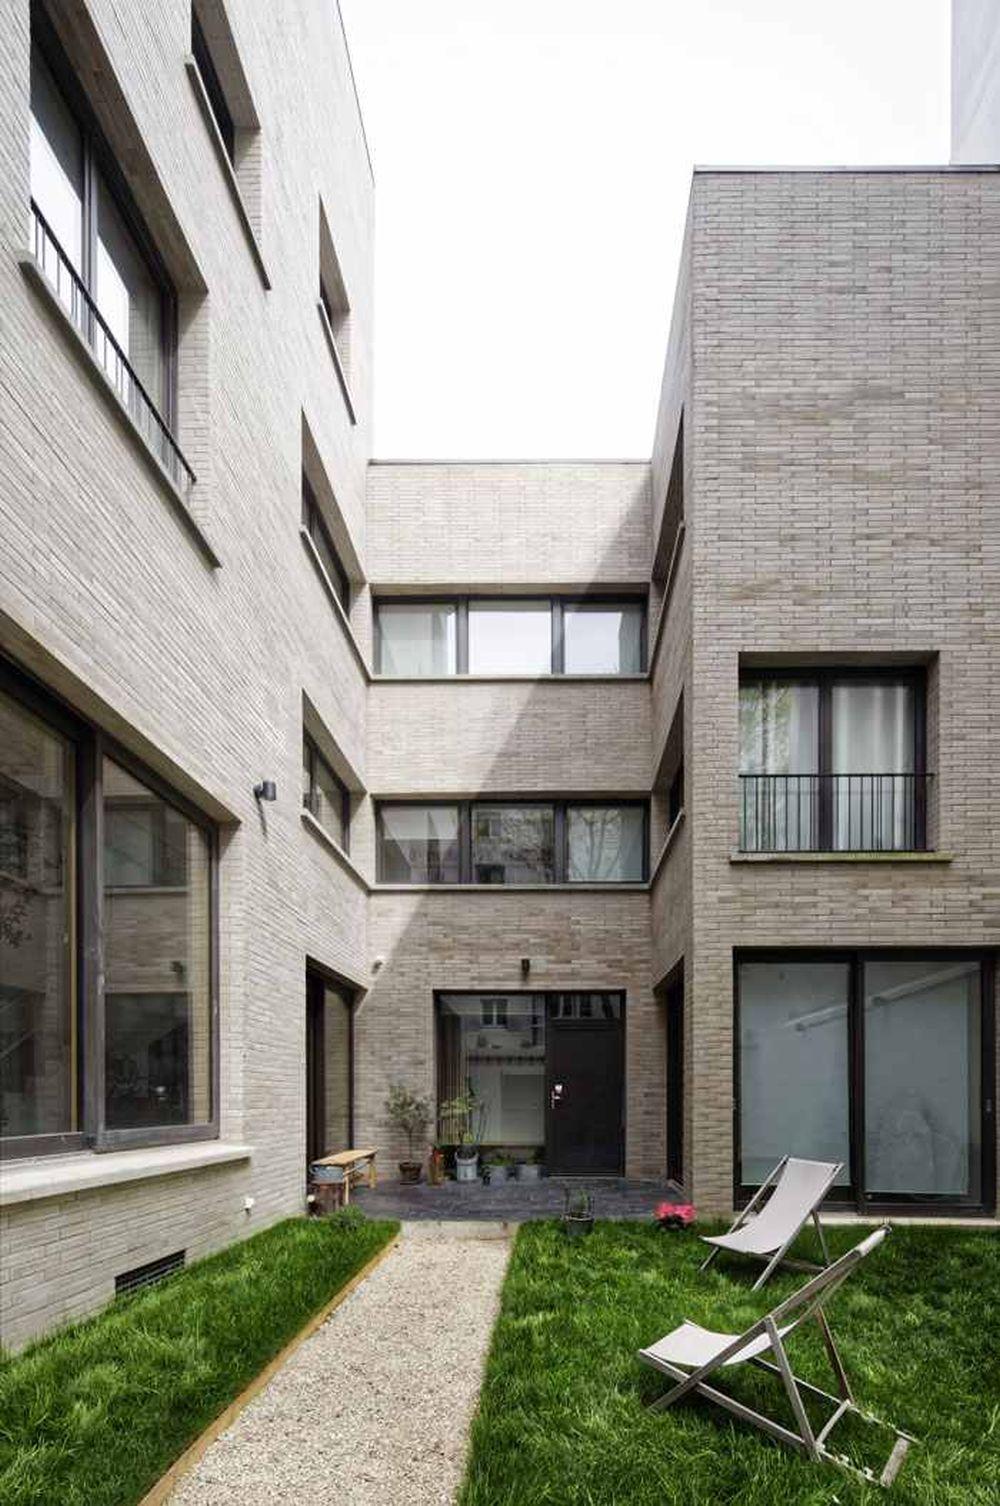 adelaparvu-com-despre-locuinta-cu-masa-prelungita-din-pardoseala-design-hardel-libihan-architects-paris-3